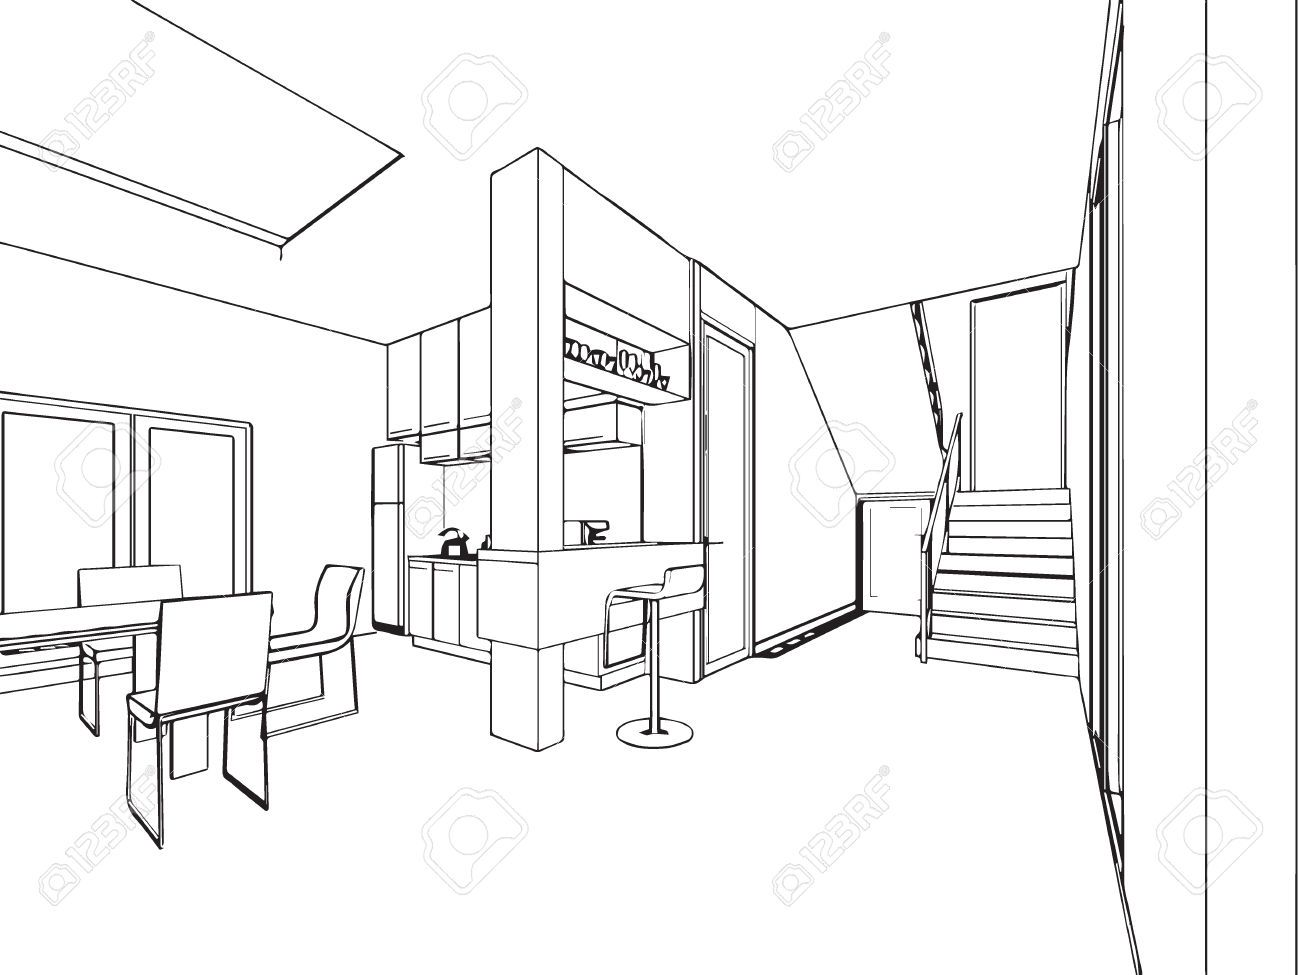 Prinzipskizze Zeichnung Perspektive Eines Innenraums Lizenzfrei Nutzbare Vektorgrafiken, Clip Arts, Illustrationen. Image 50643155.